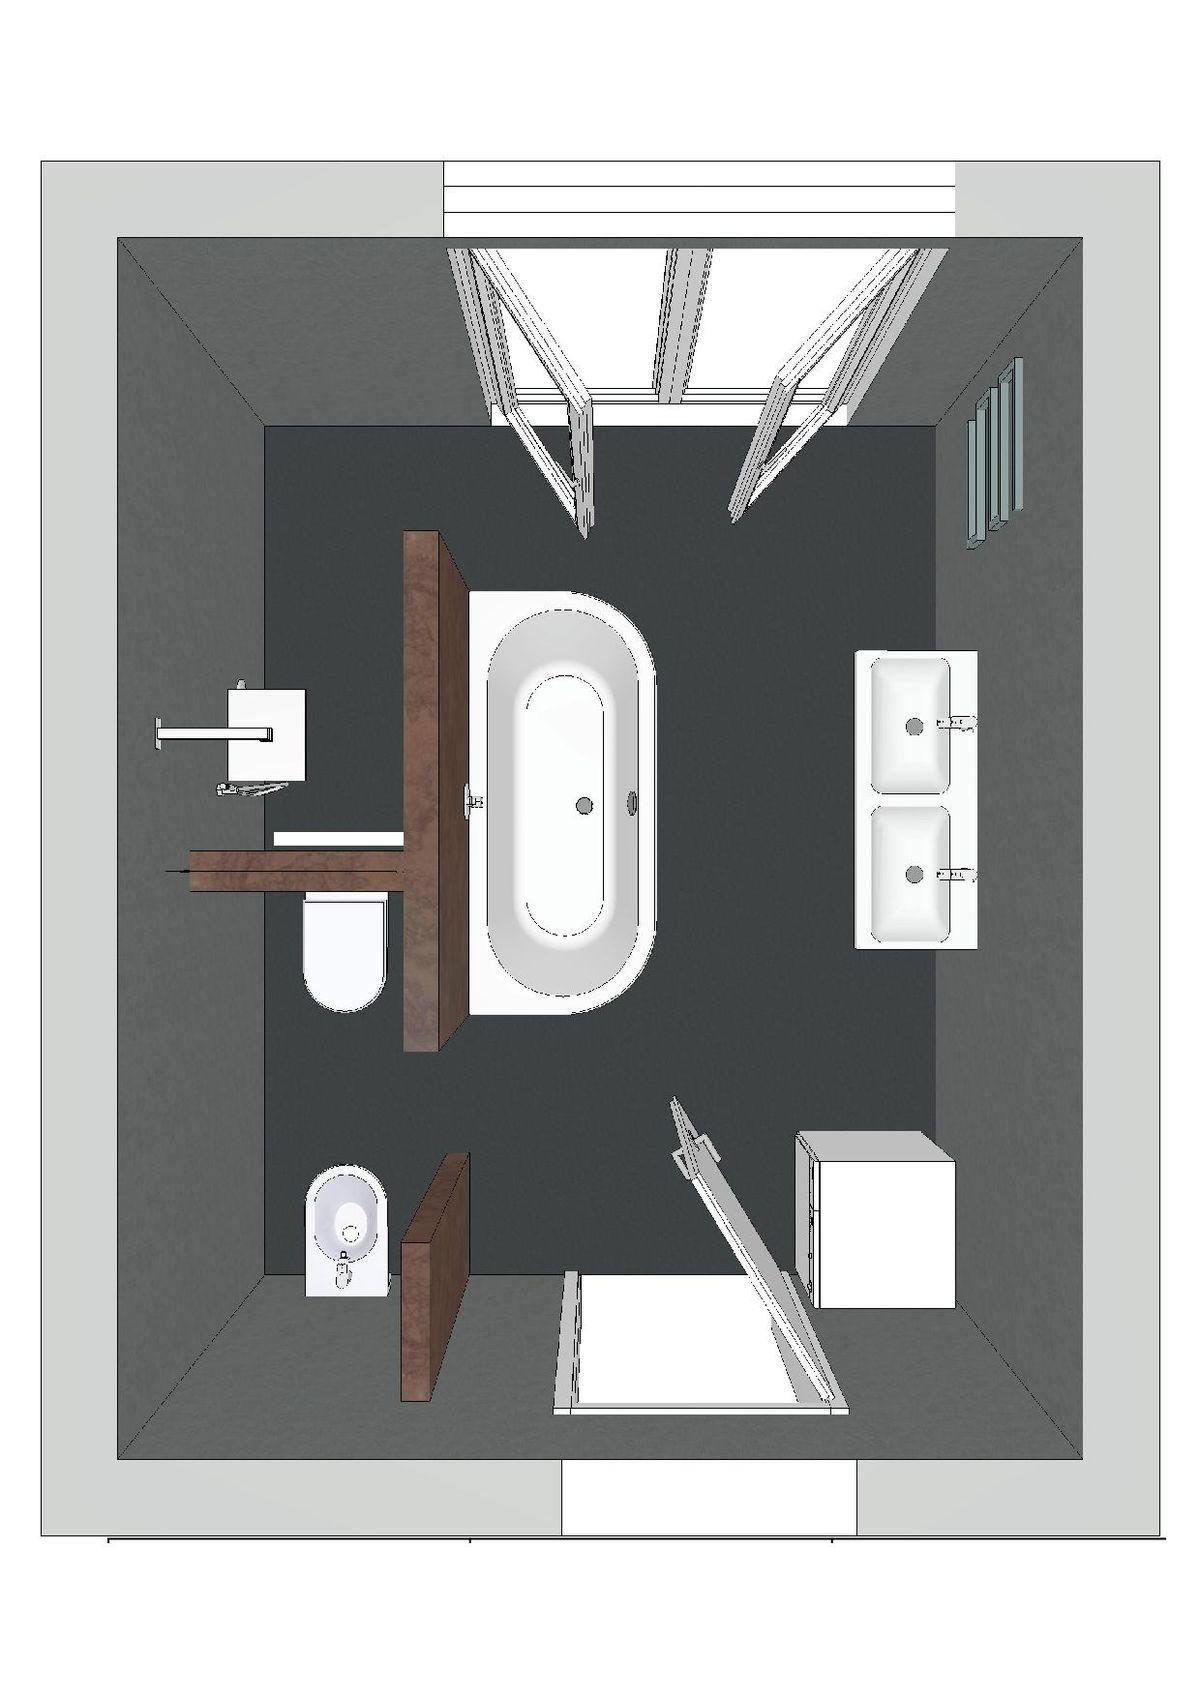 Épinglé par Alex Hernandez sur Casa ideal  Idée salle de bain